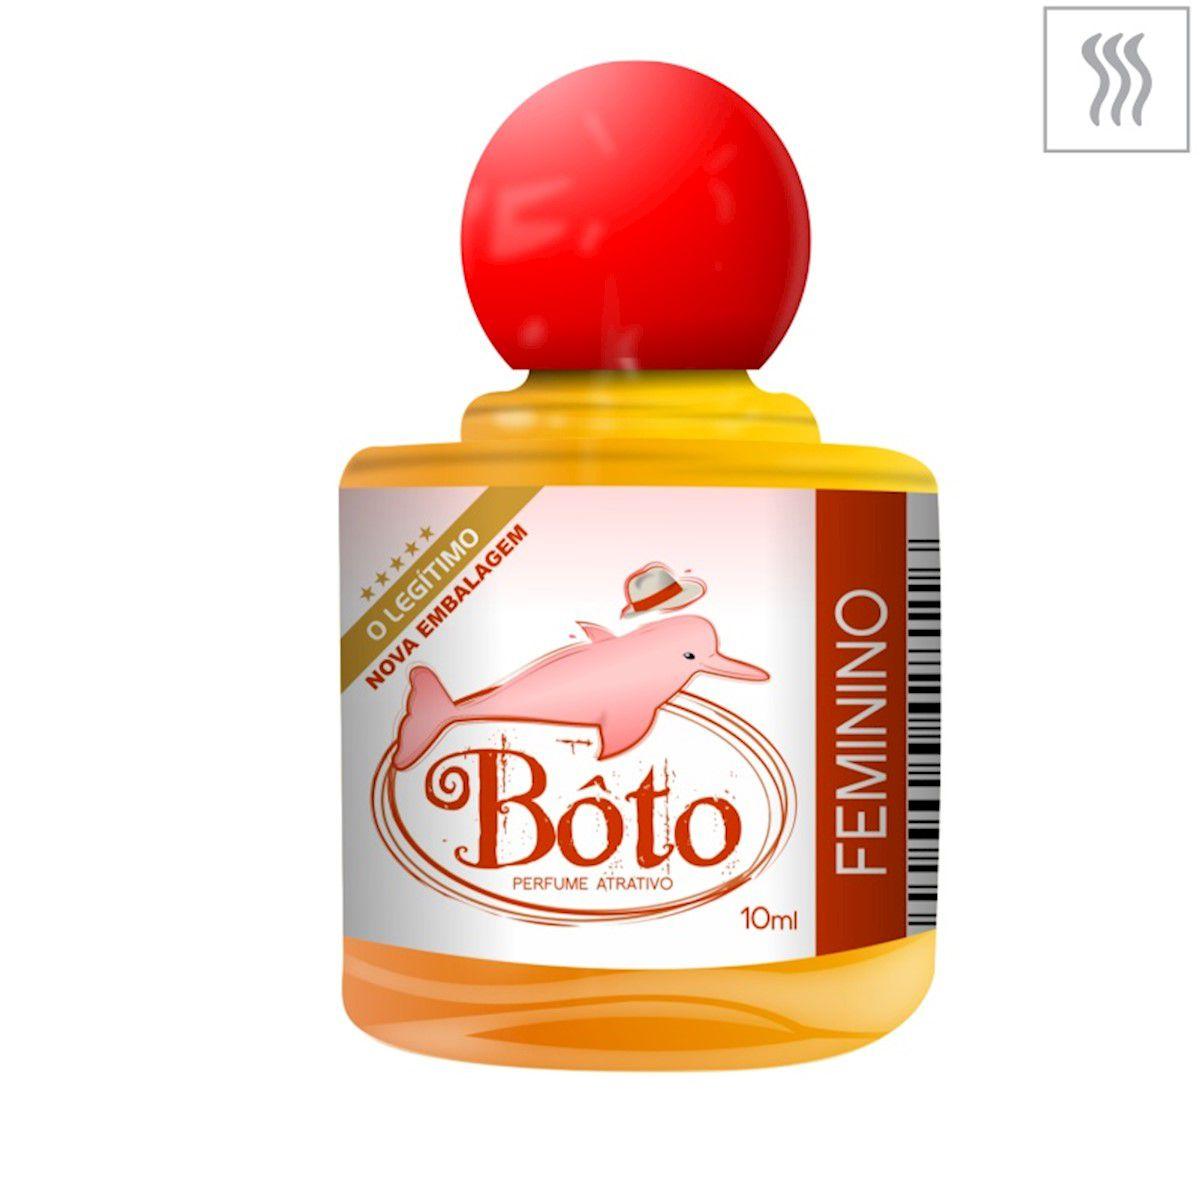 Perfume Feminino Afrodisíaco Atrativo Bôto Concentrado 10ml